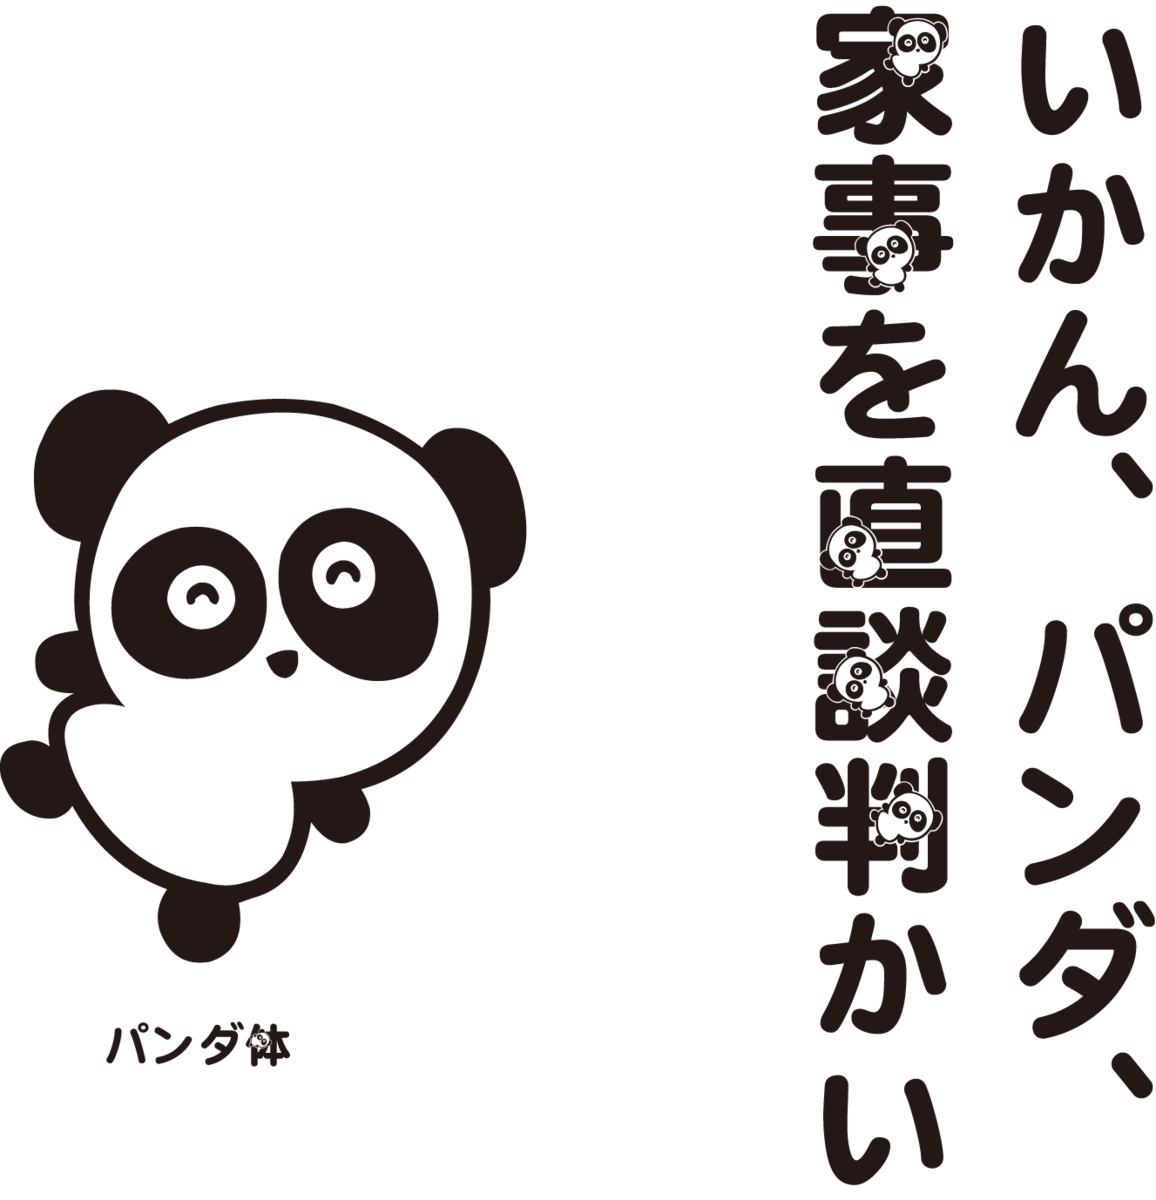 f:id:mojiru:20190604082421p:plain